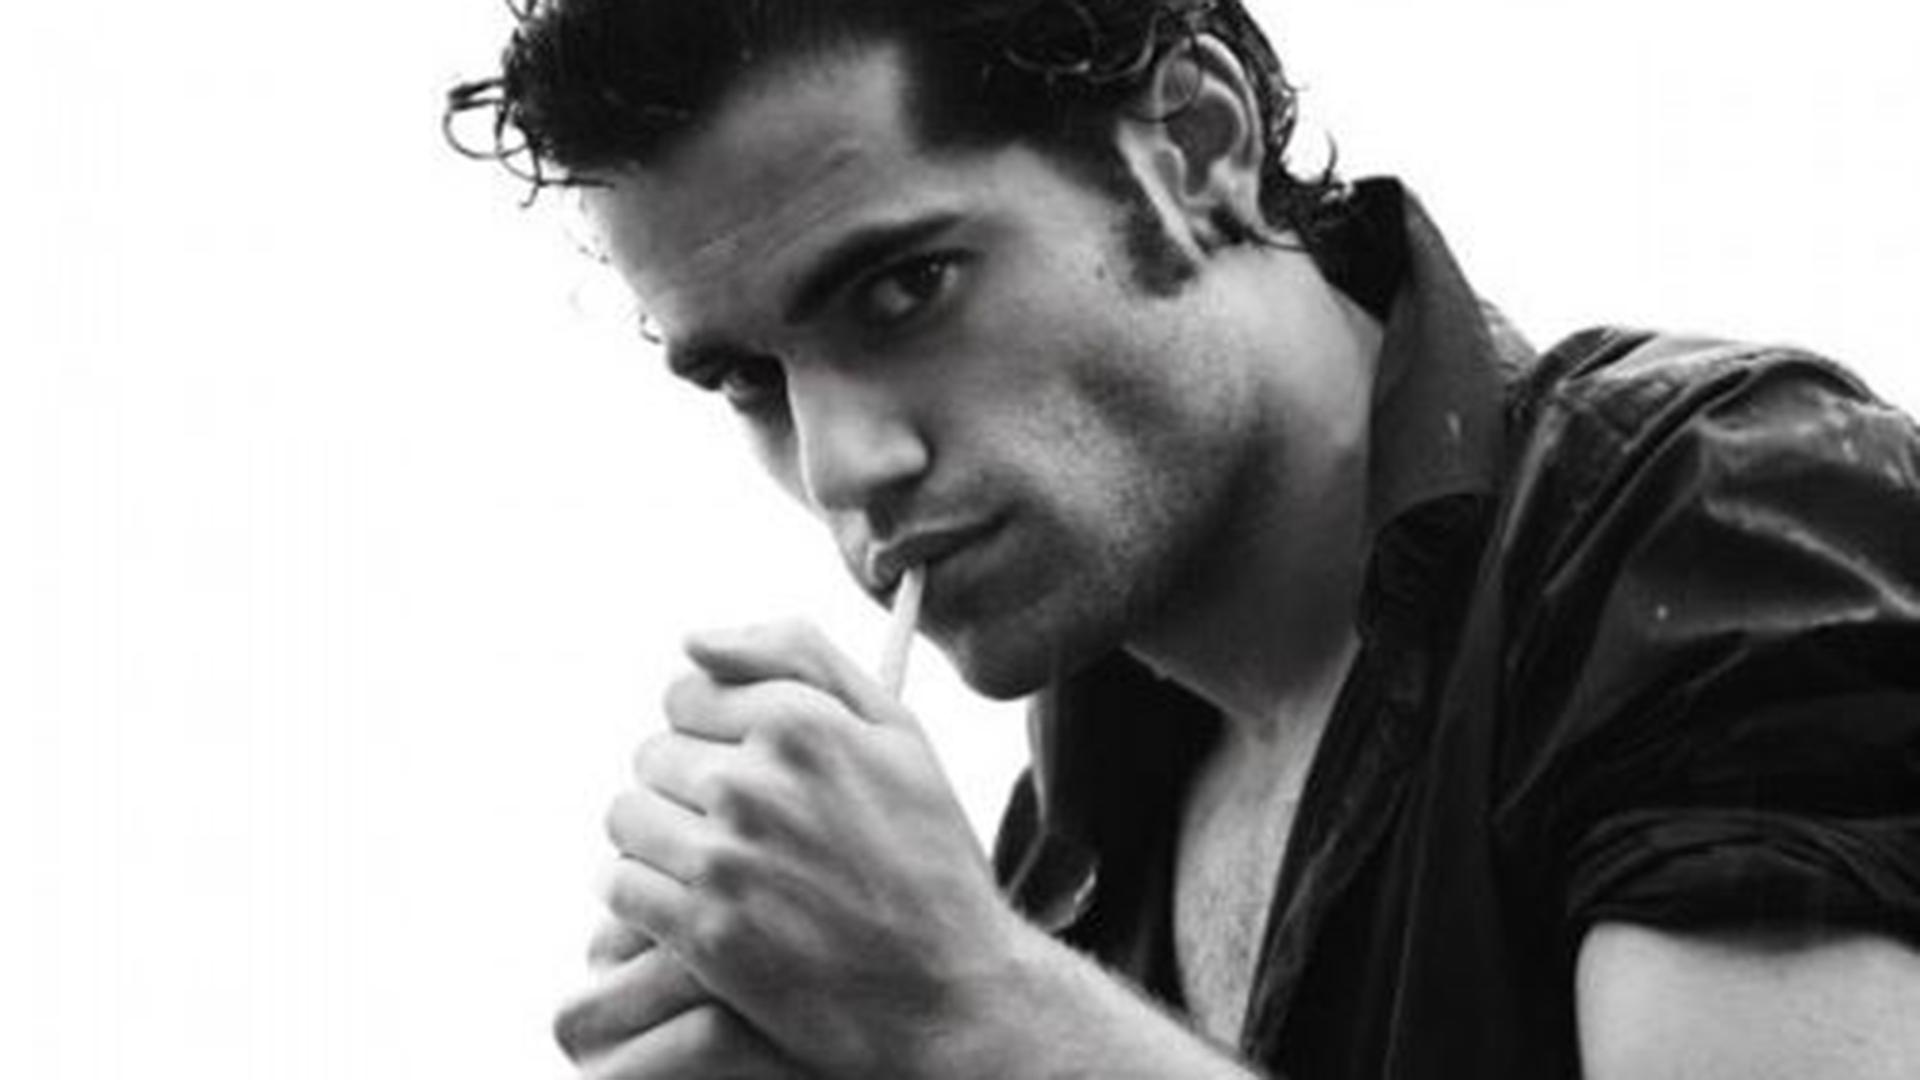 Actores Estadounidenses Hablando Español murió el actor español jordi mestre en un accidente de moto